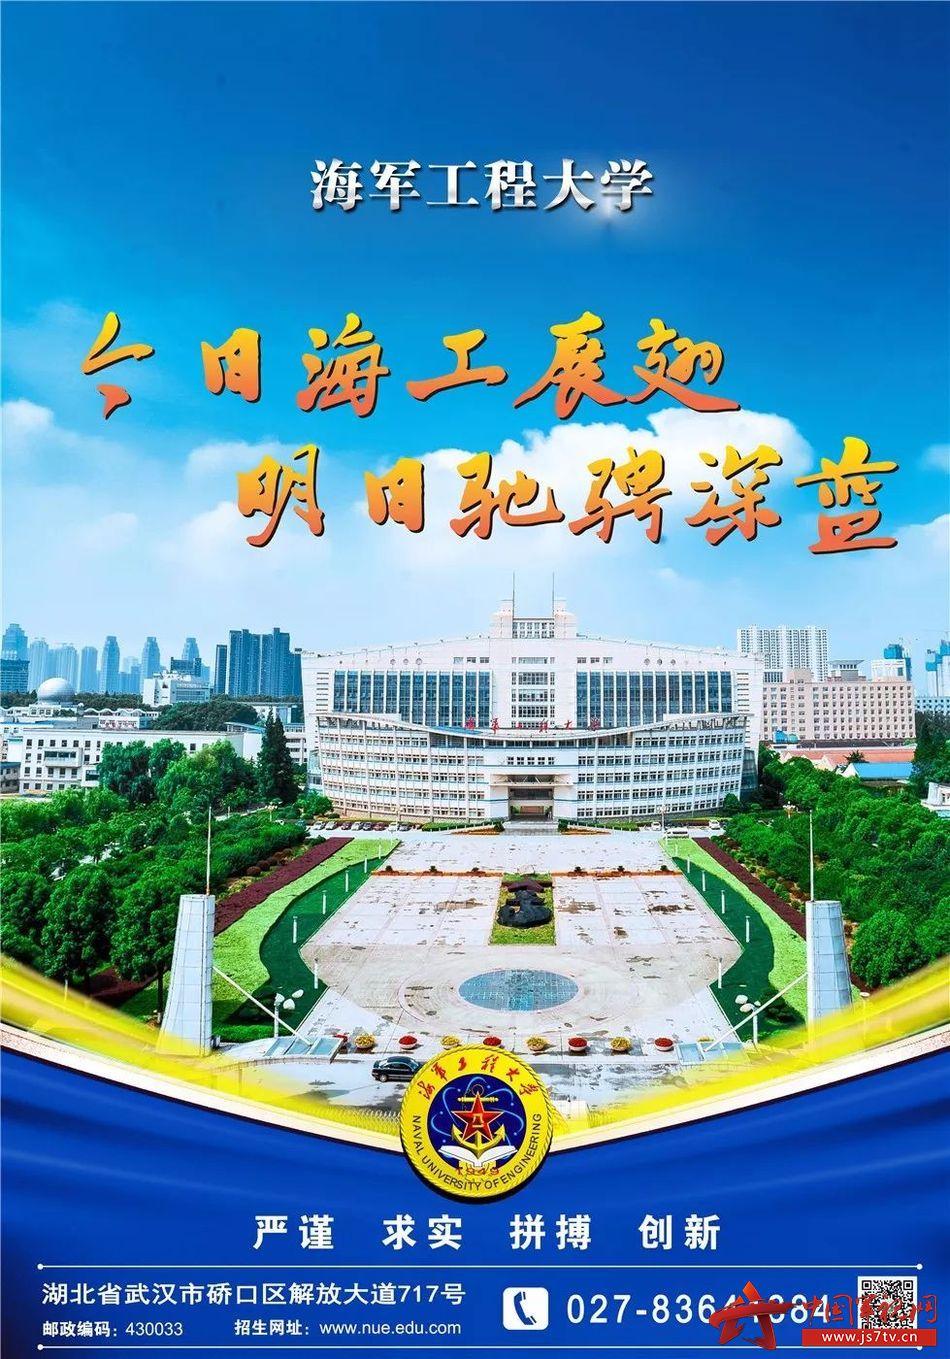 武汉海军工程学院_海军潜艇学院,海军航空大学,海军军医大学,院校分别地处武汉,大连